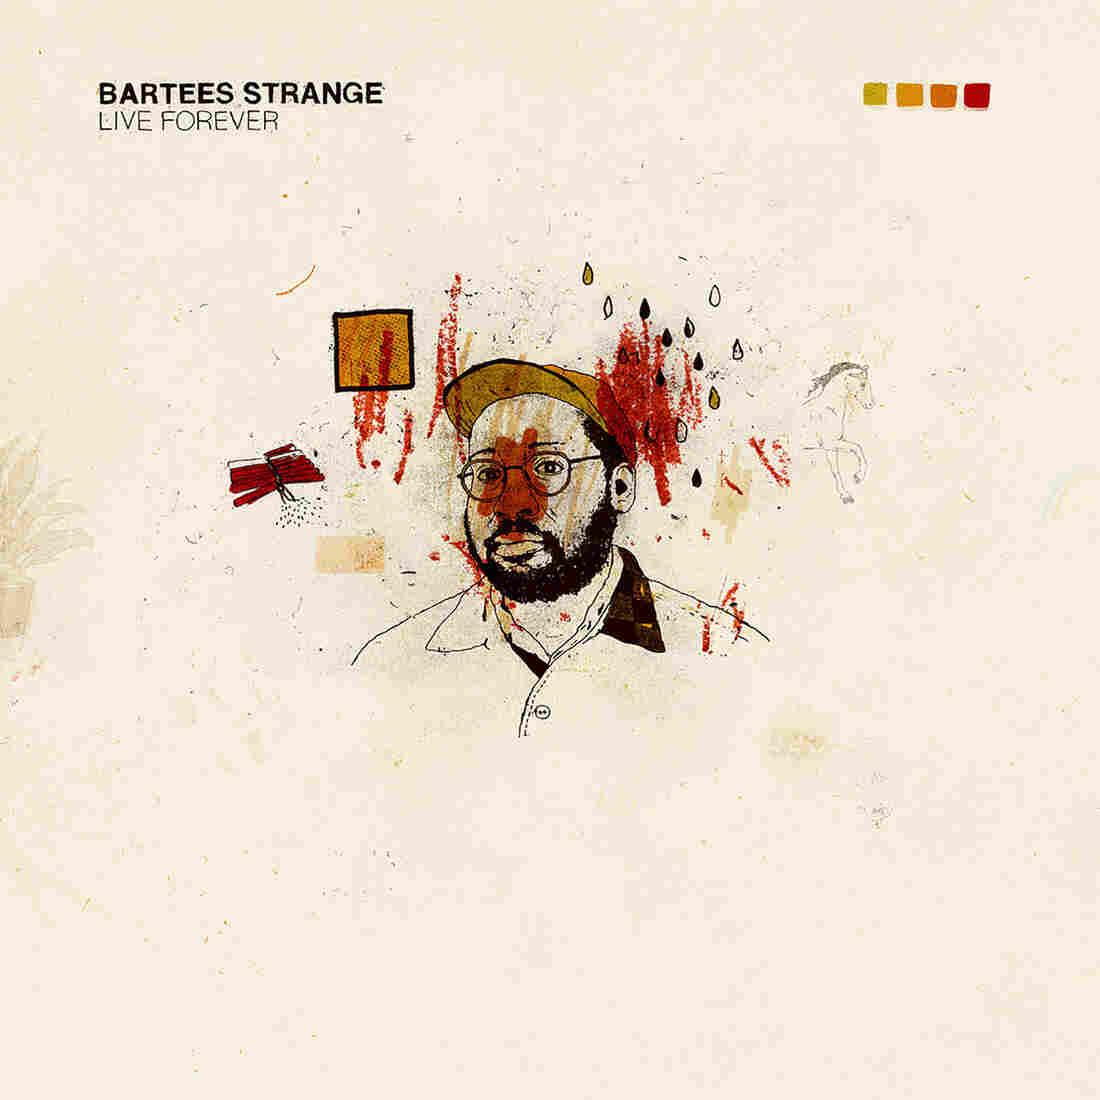 Bartees Strange, Live Forever